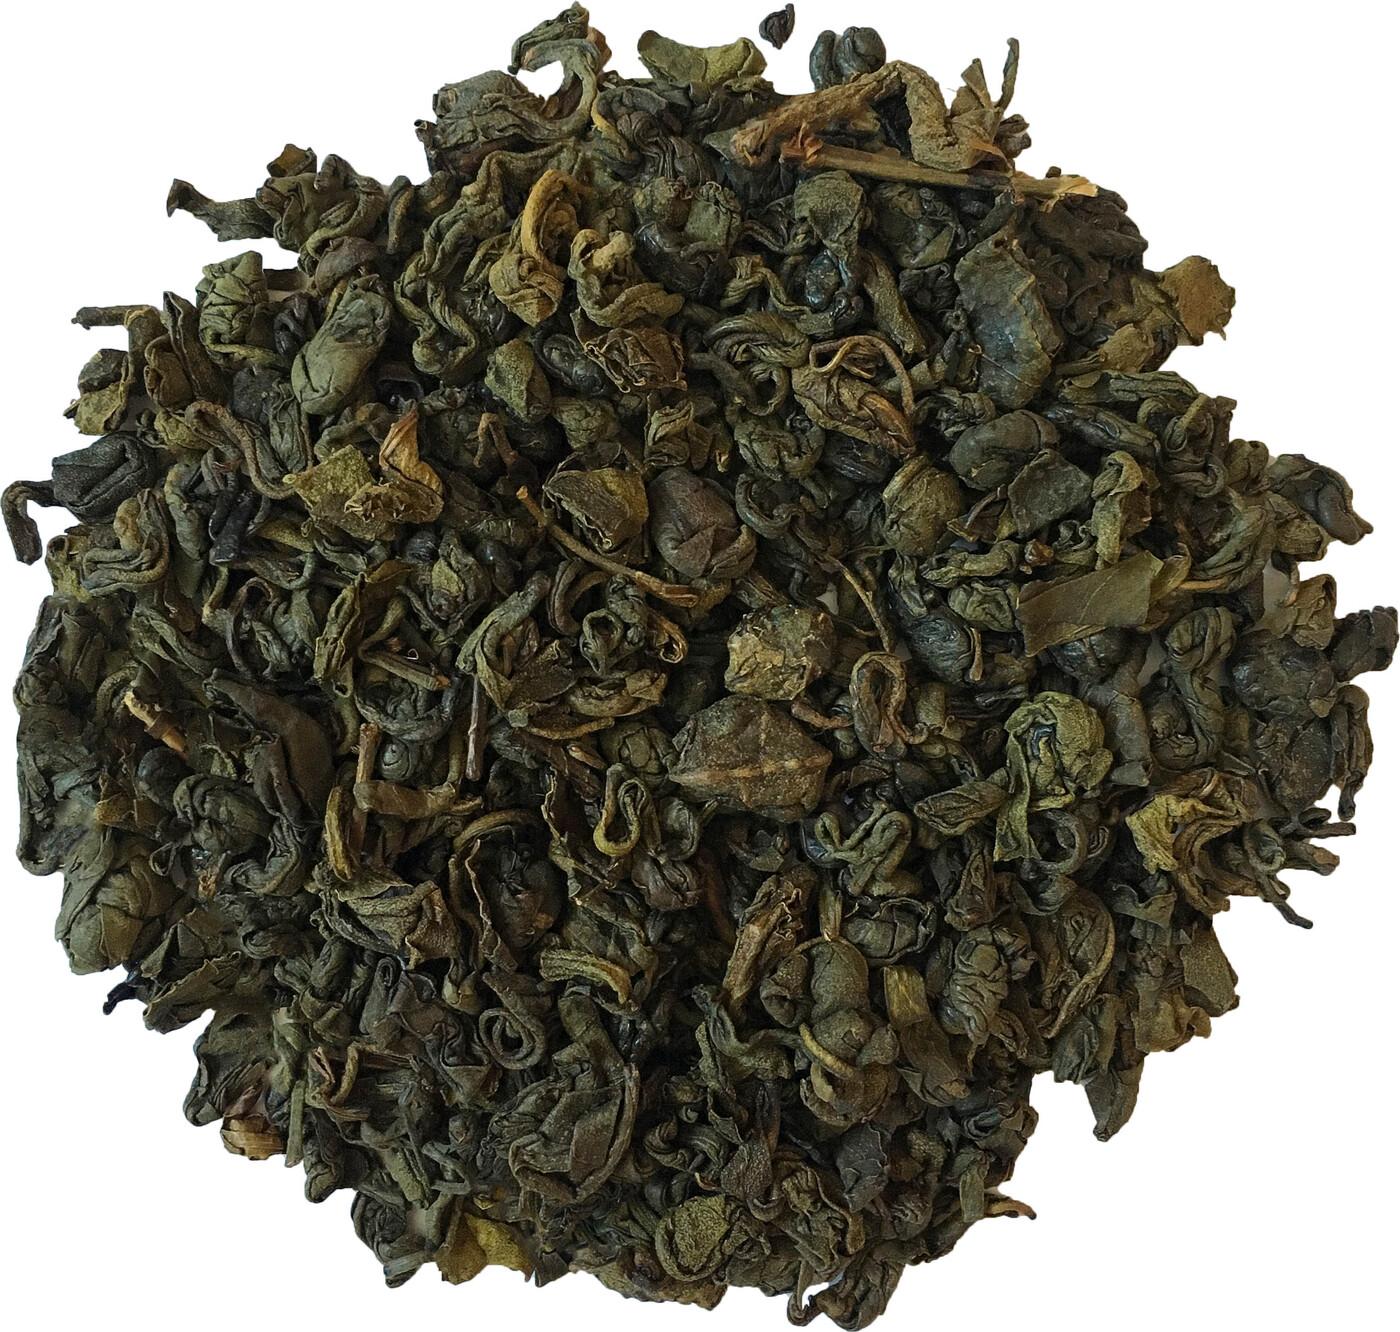 картинка чая черного байхового чая ролики, баннеры